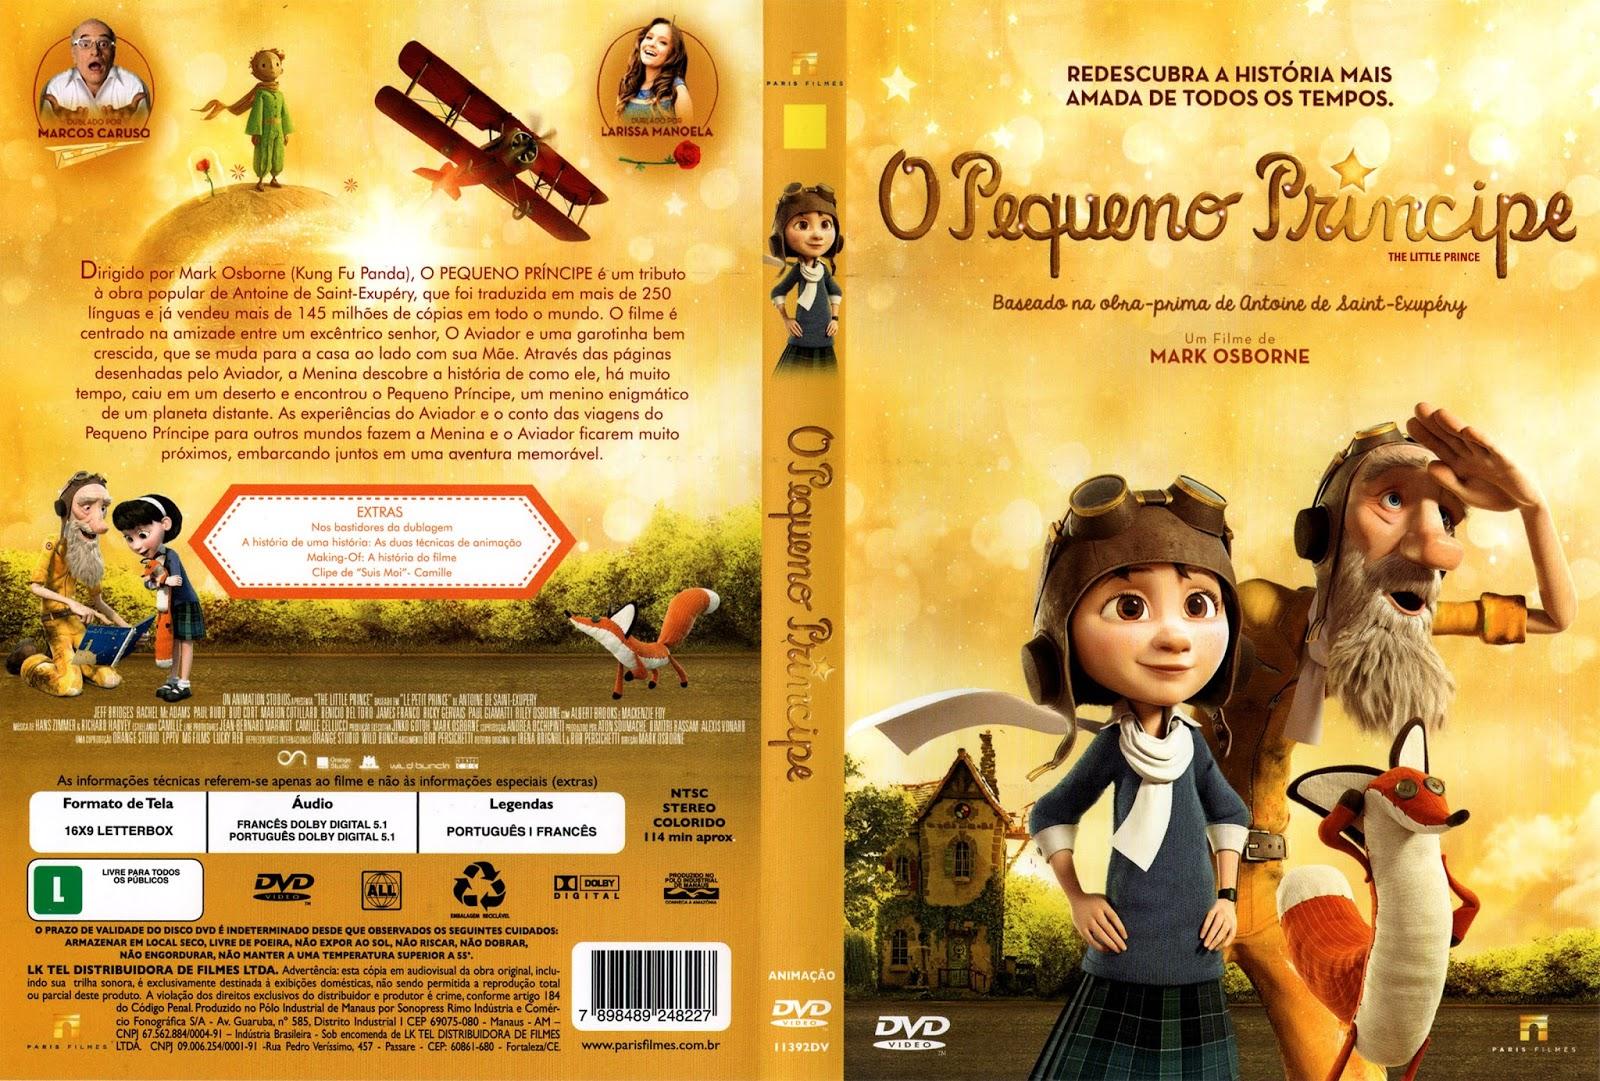 Filme O Pequeno Principe 2015 for o pequeno principe (2015) capa dvd   gigain filmes